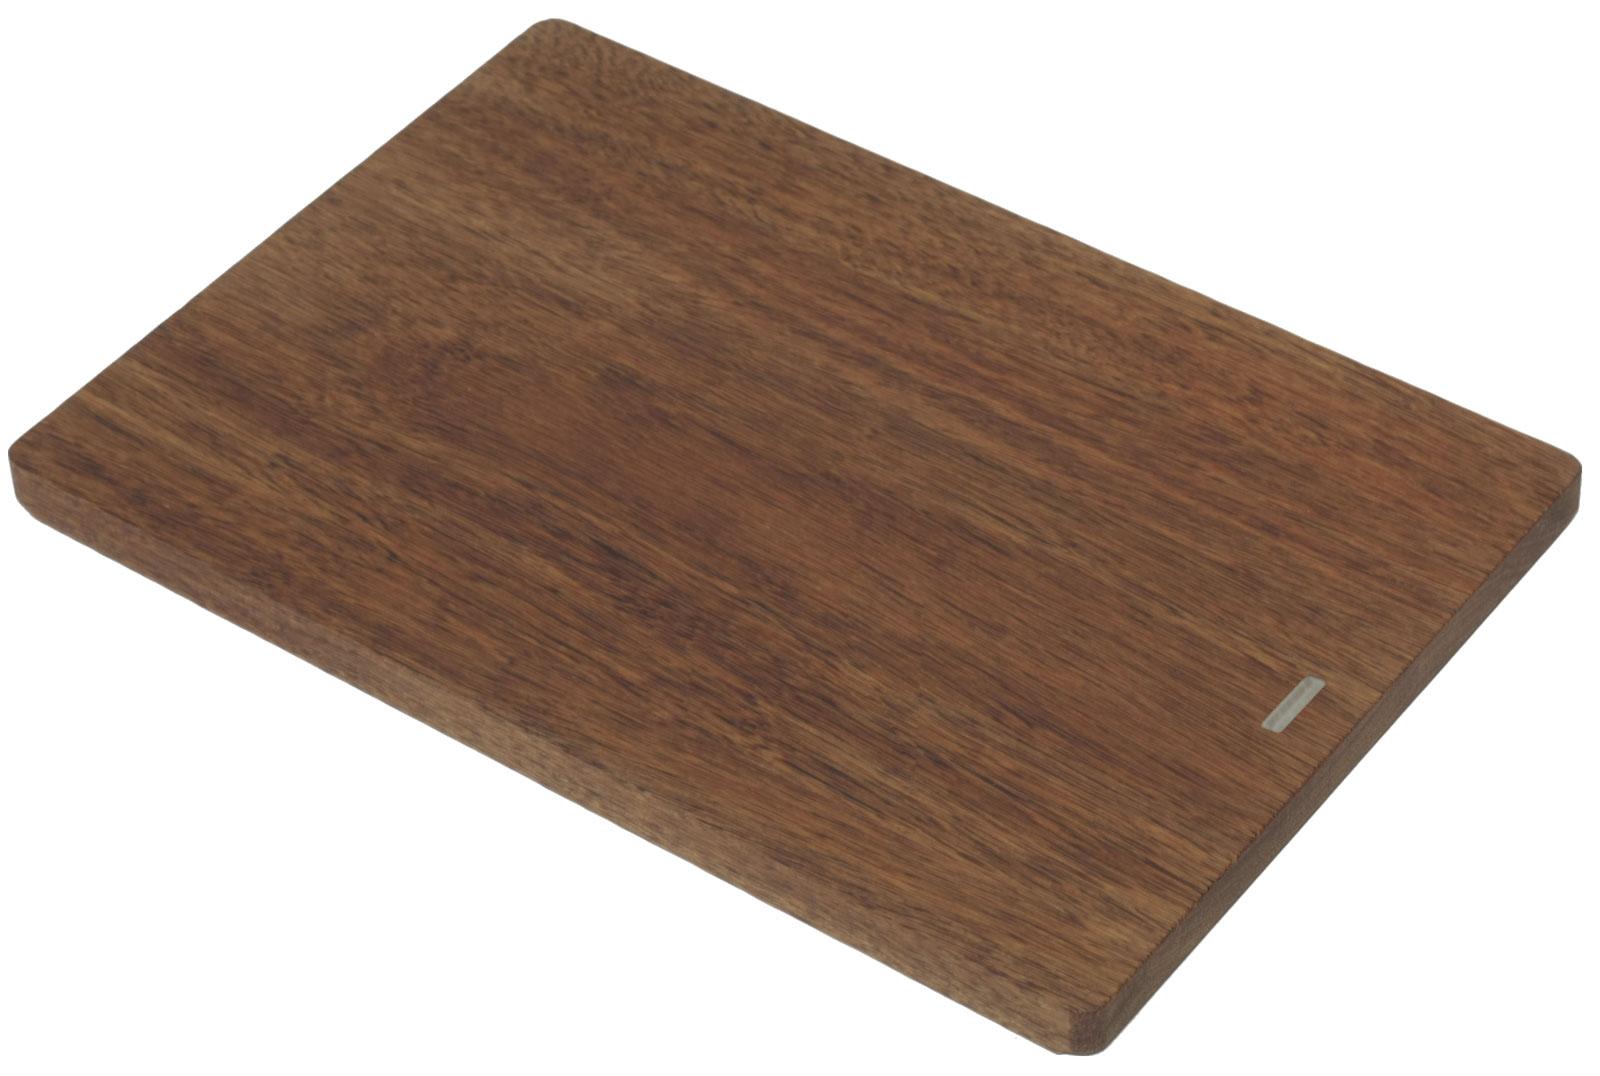 Sinks přípravná deska 423x260mm dřevo